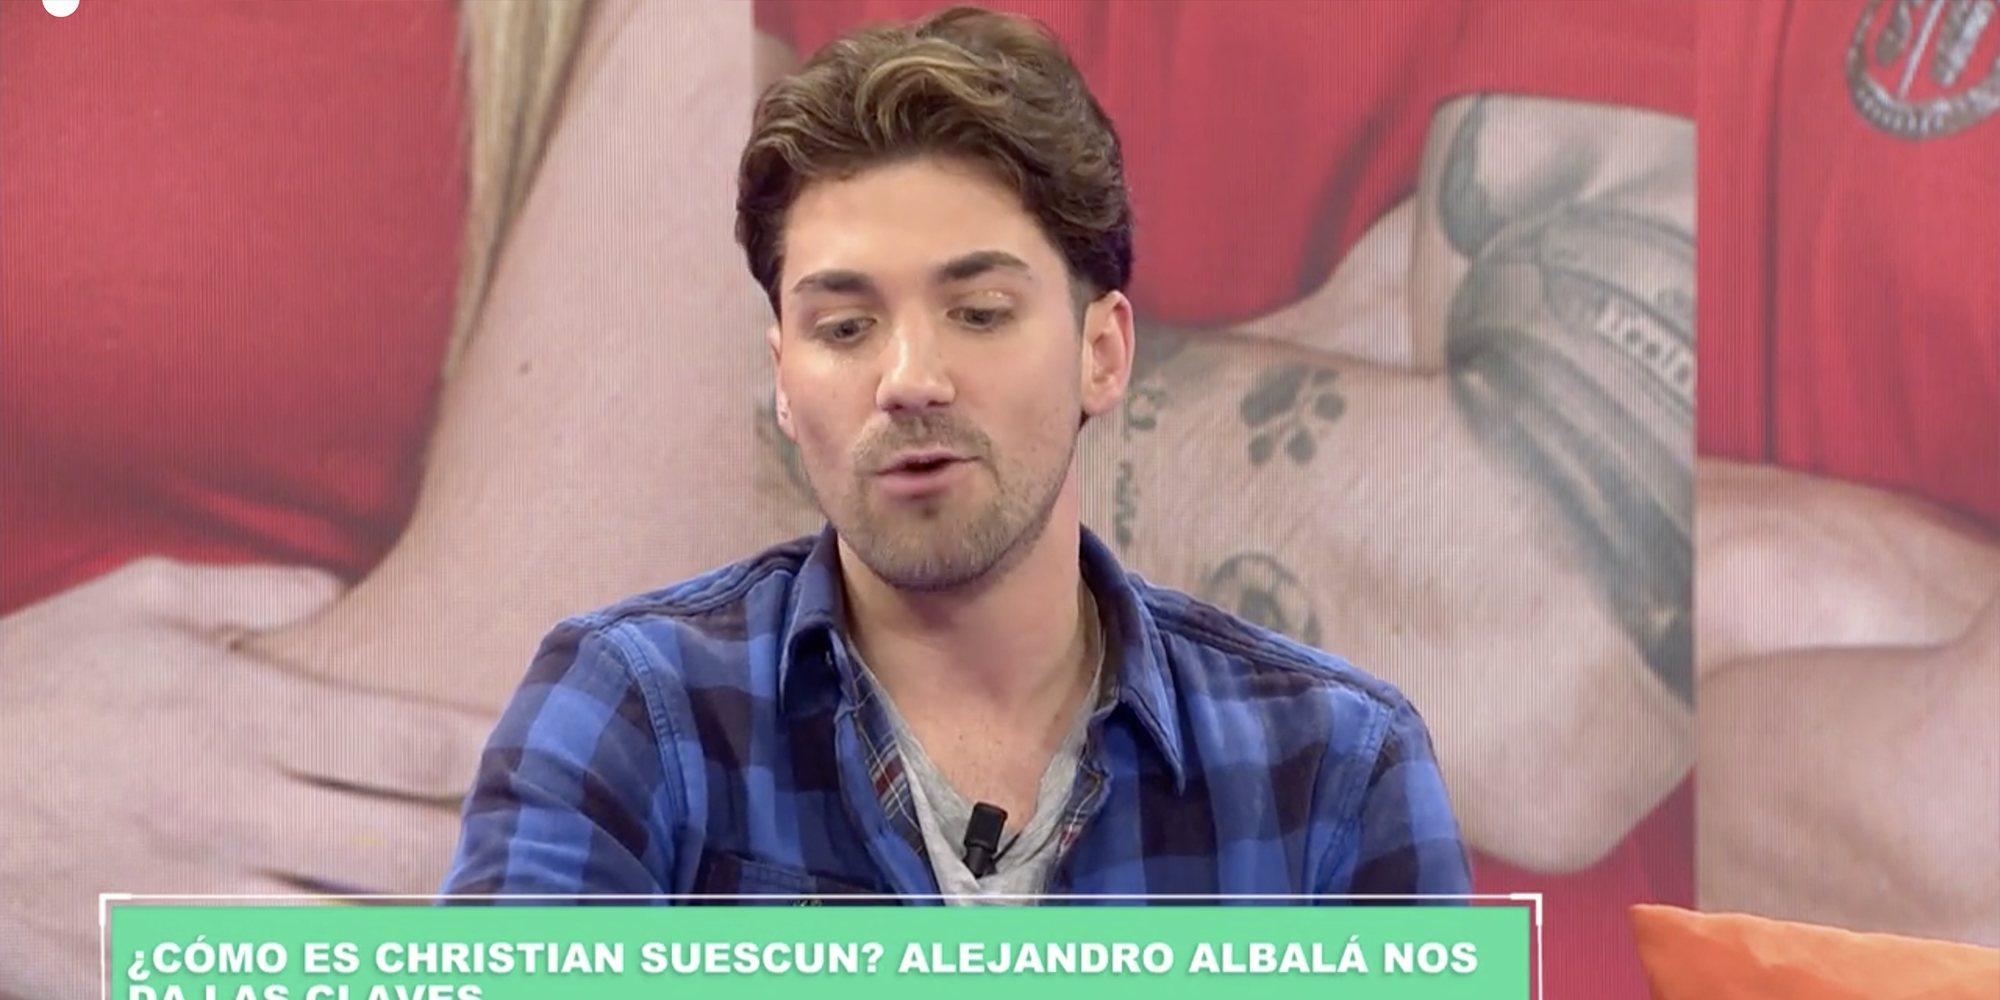 """Alejandro Albalá arremete contra Cristian Suescun: """"La última vez que me habló fue para amenazarme"""""""